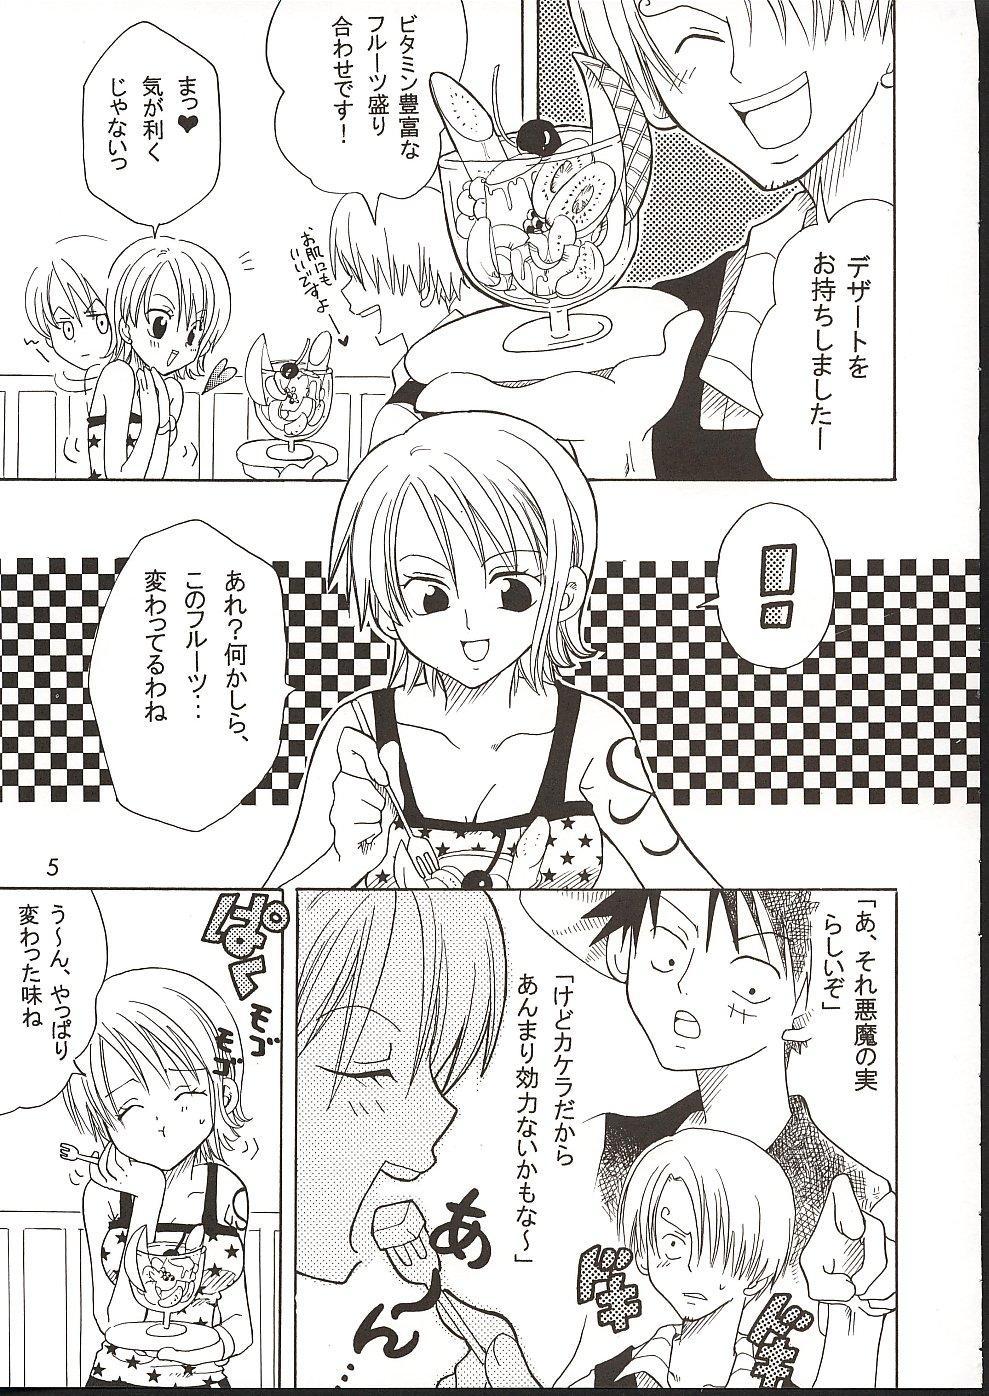 Shiawase Punch! 3 3